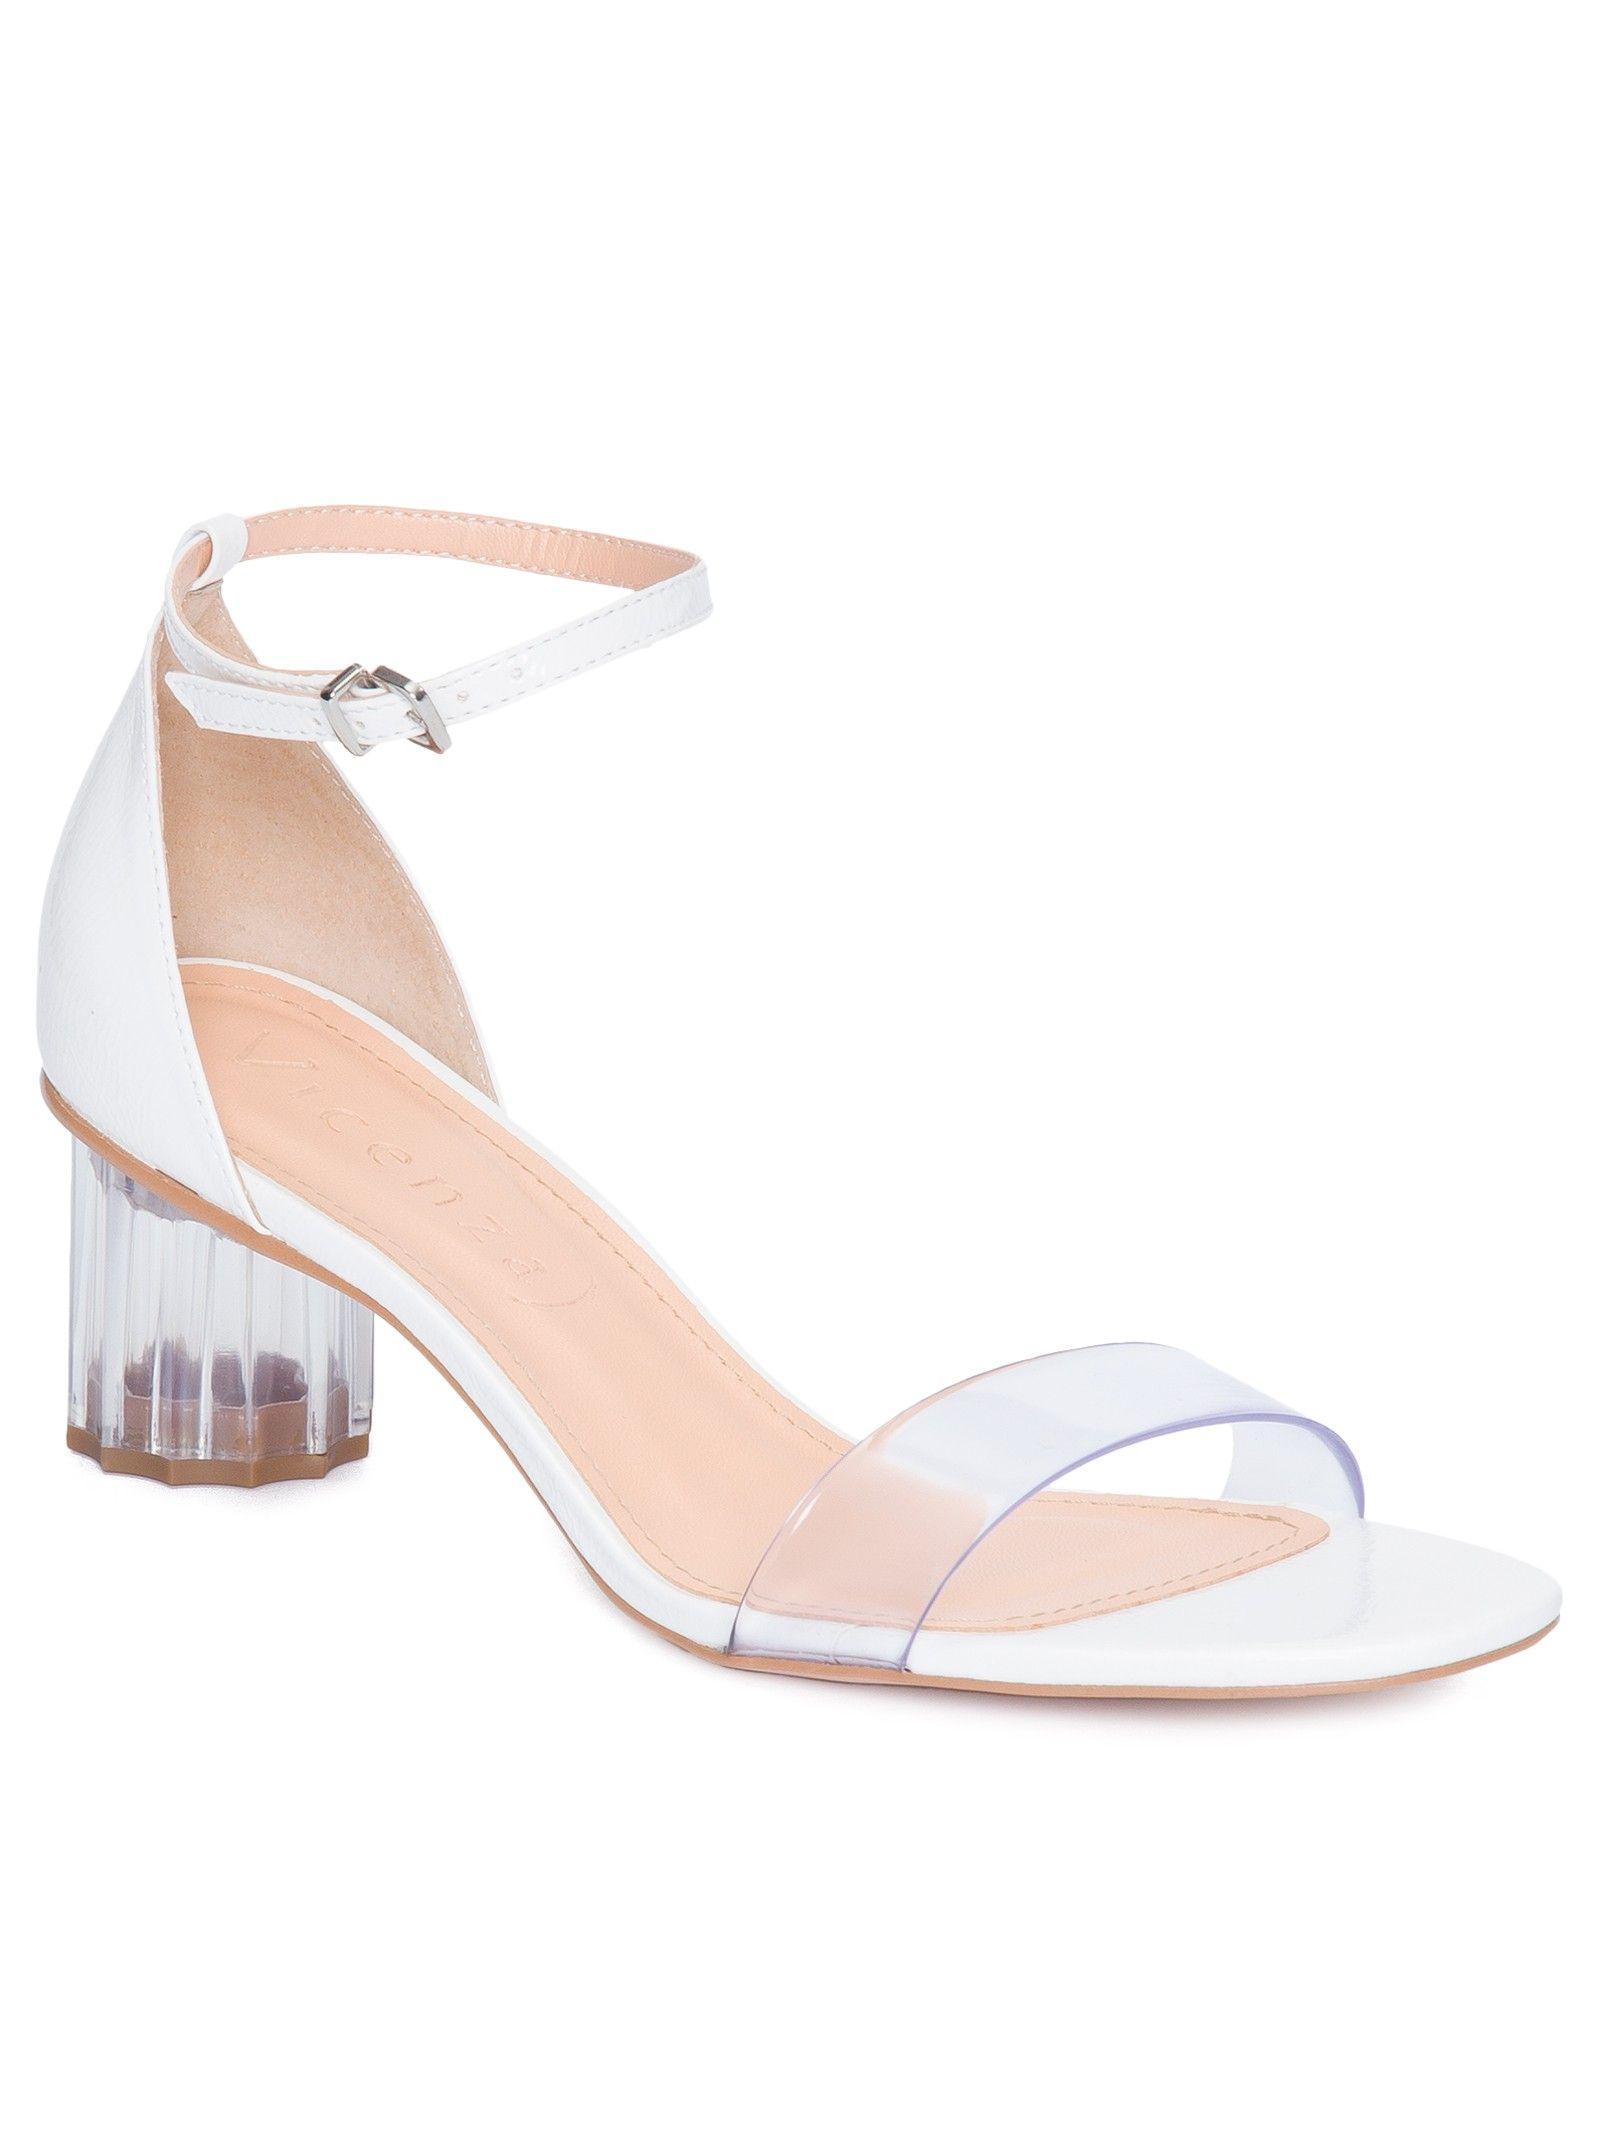 Sandália Tiras Amarração Branca